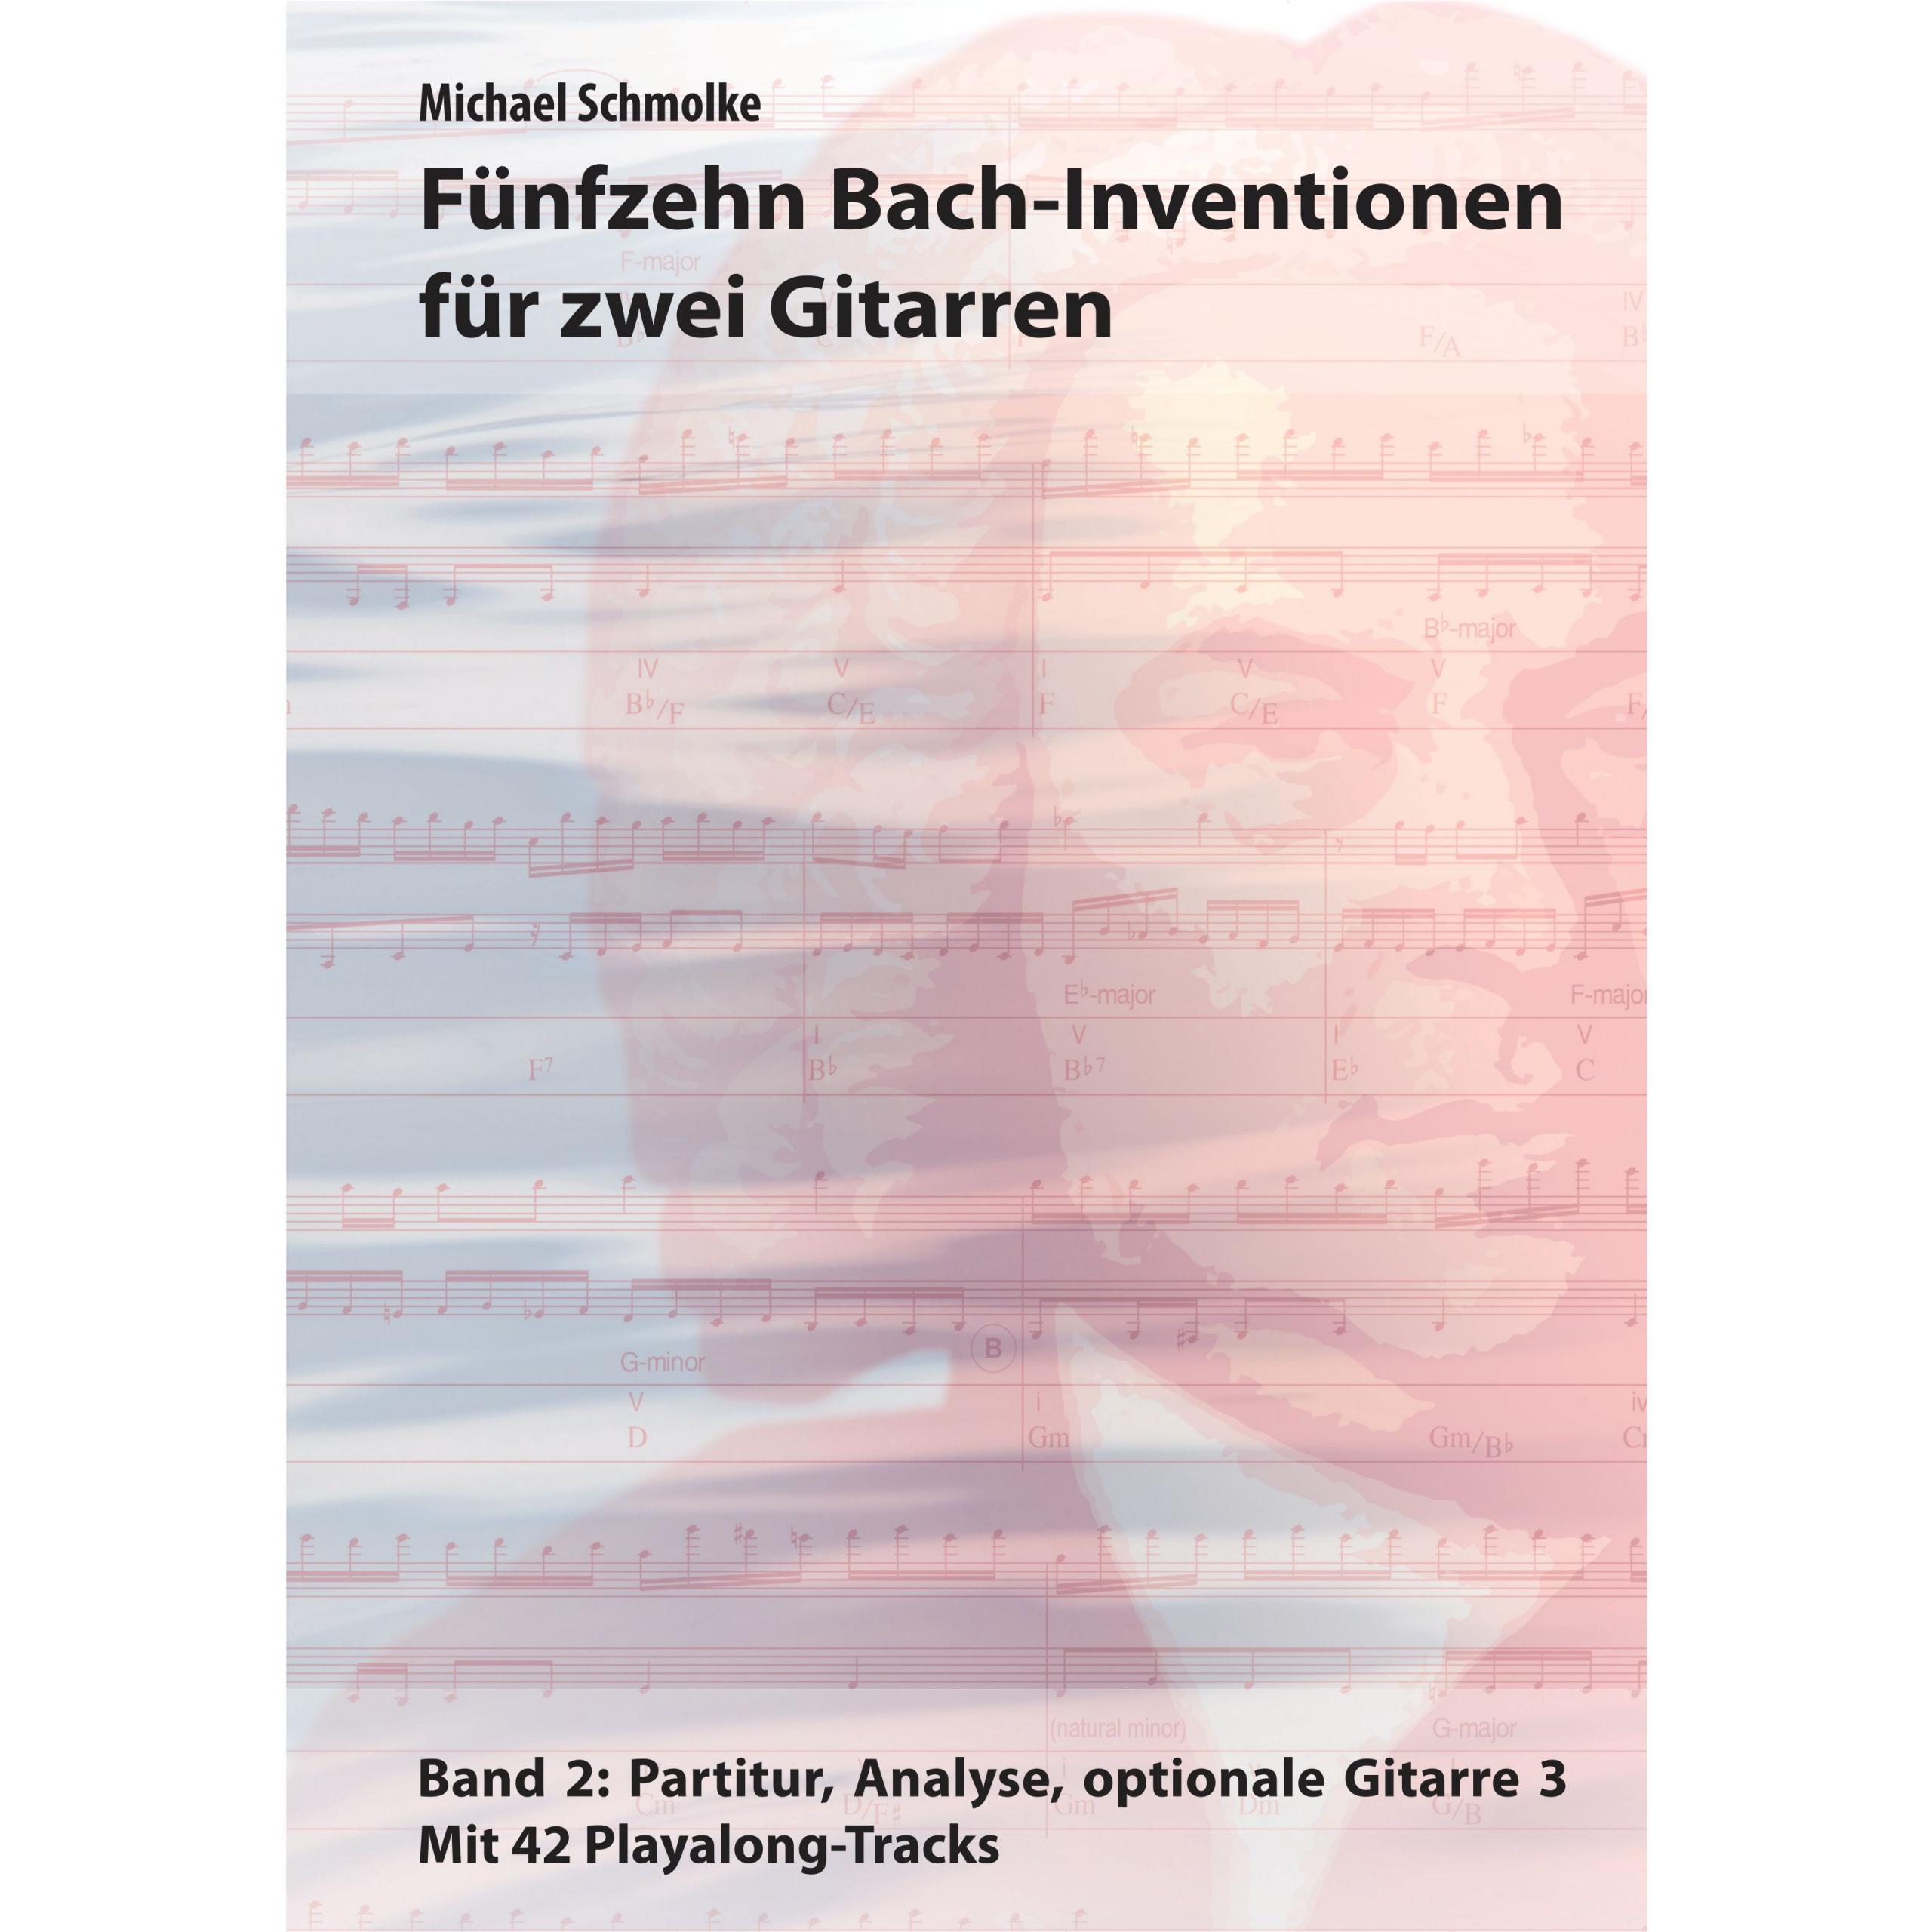 Fünfzehn Bach-Inventionen für zwei Gitarren, Band 2en